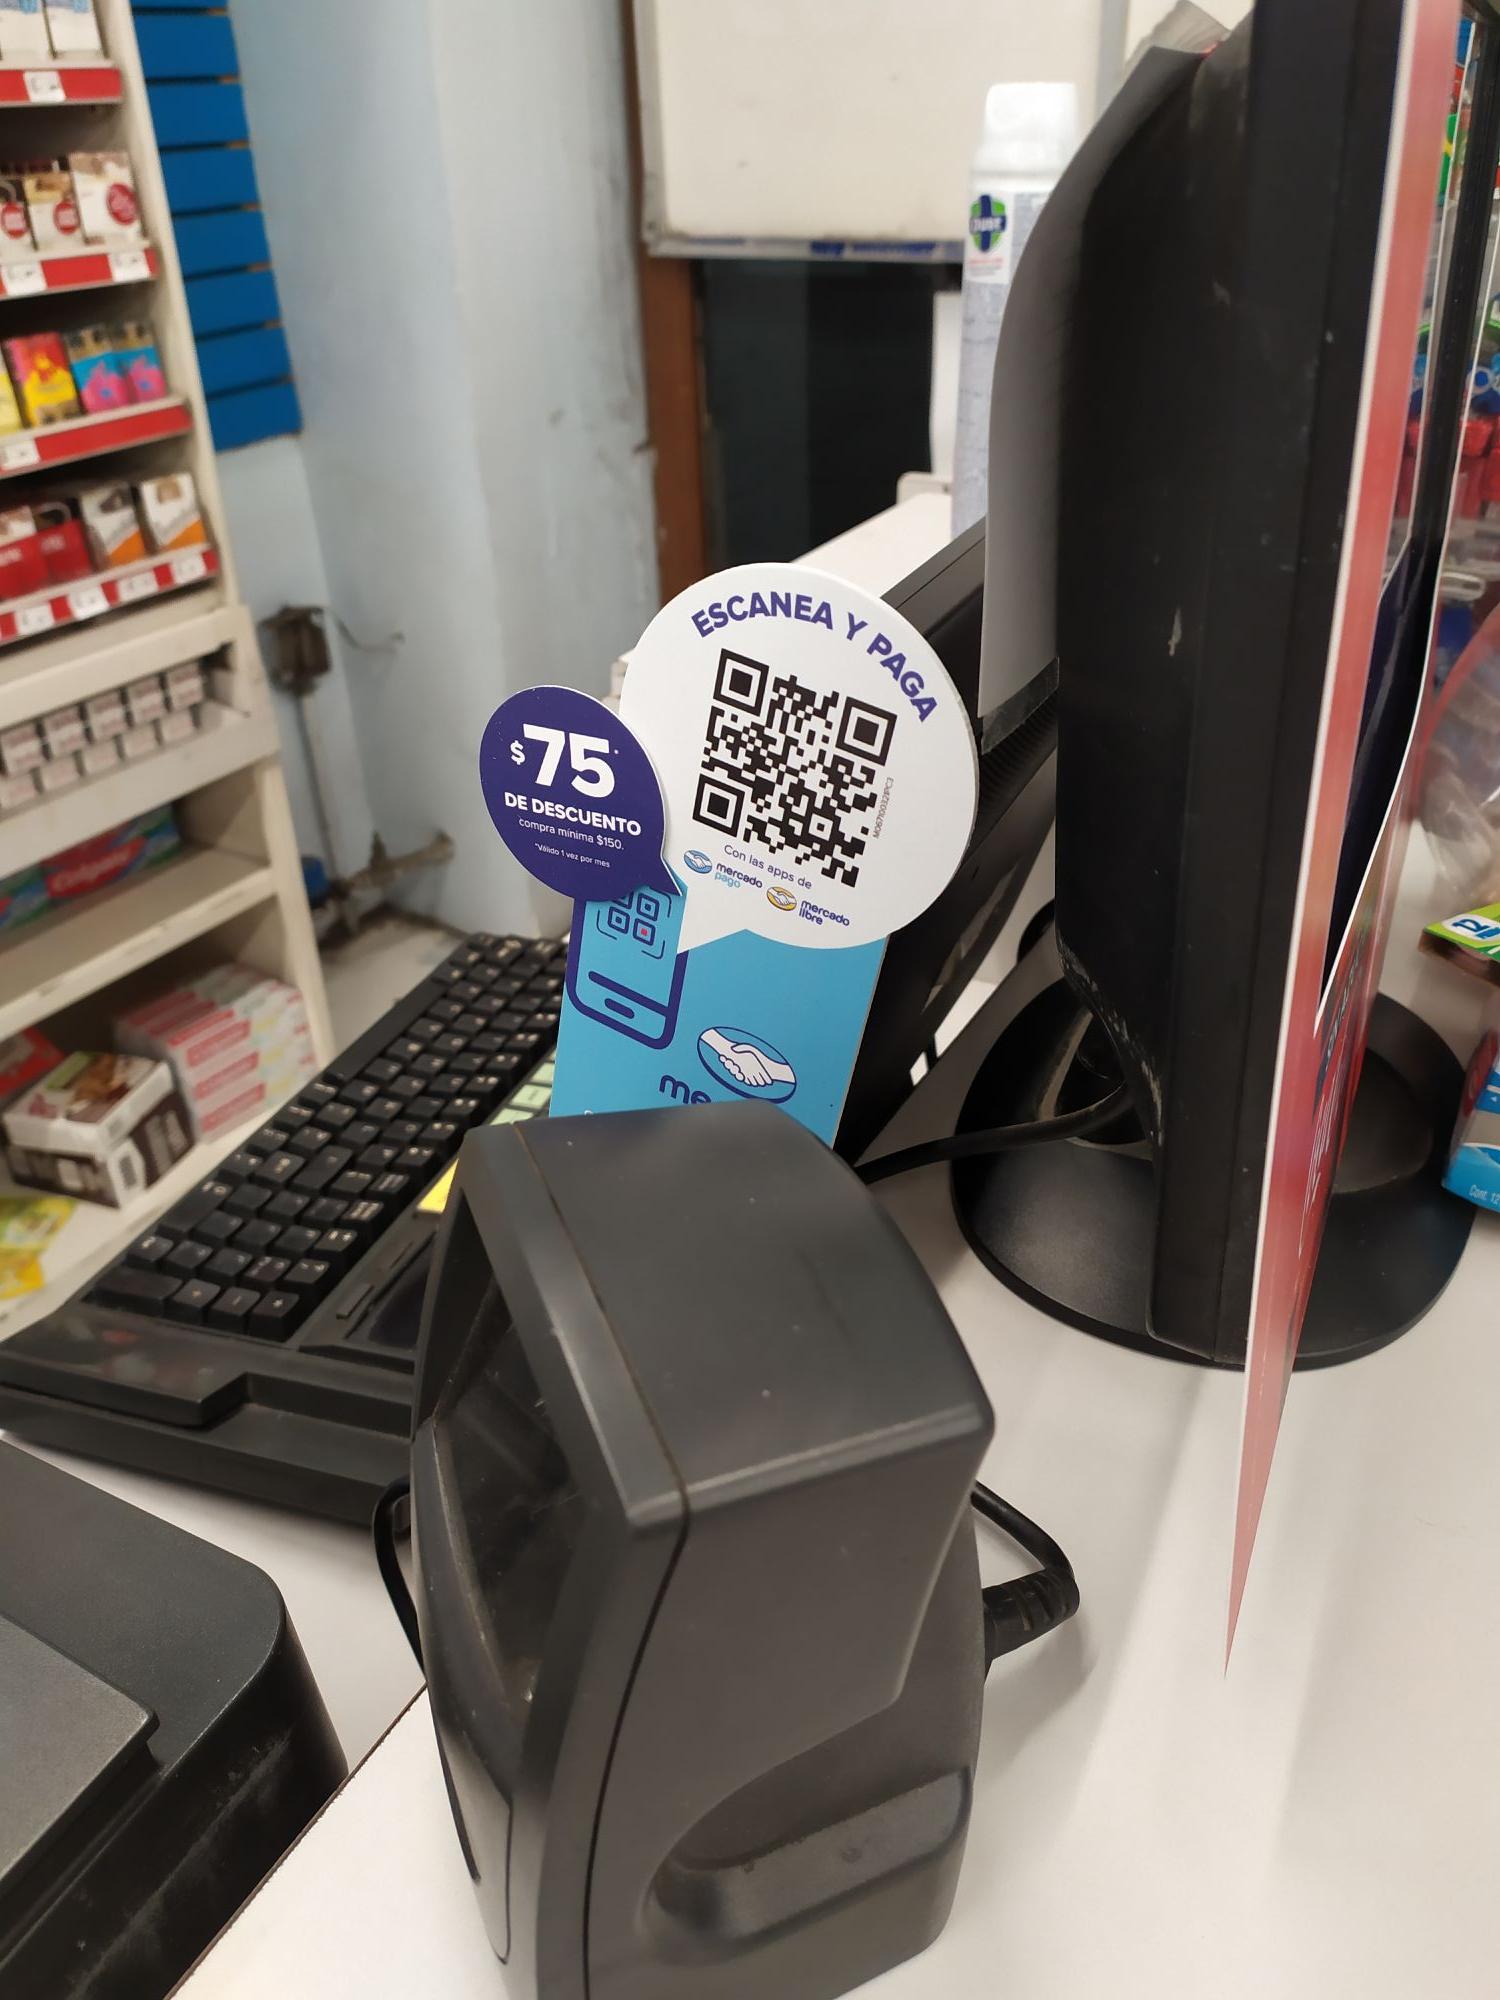 Mercadopago: $75 de descuento en Farmacias Benavides al pagar con QR mínimo $150